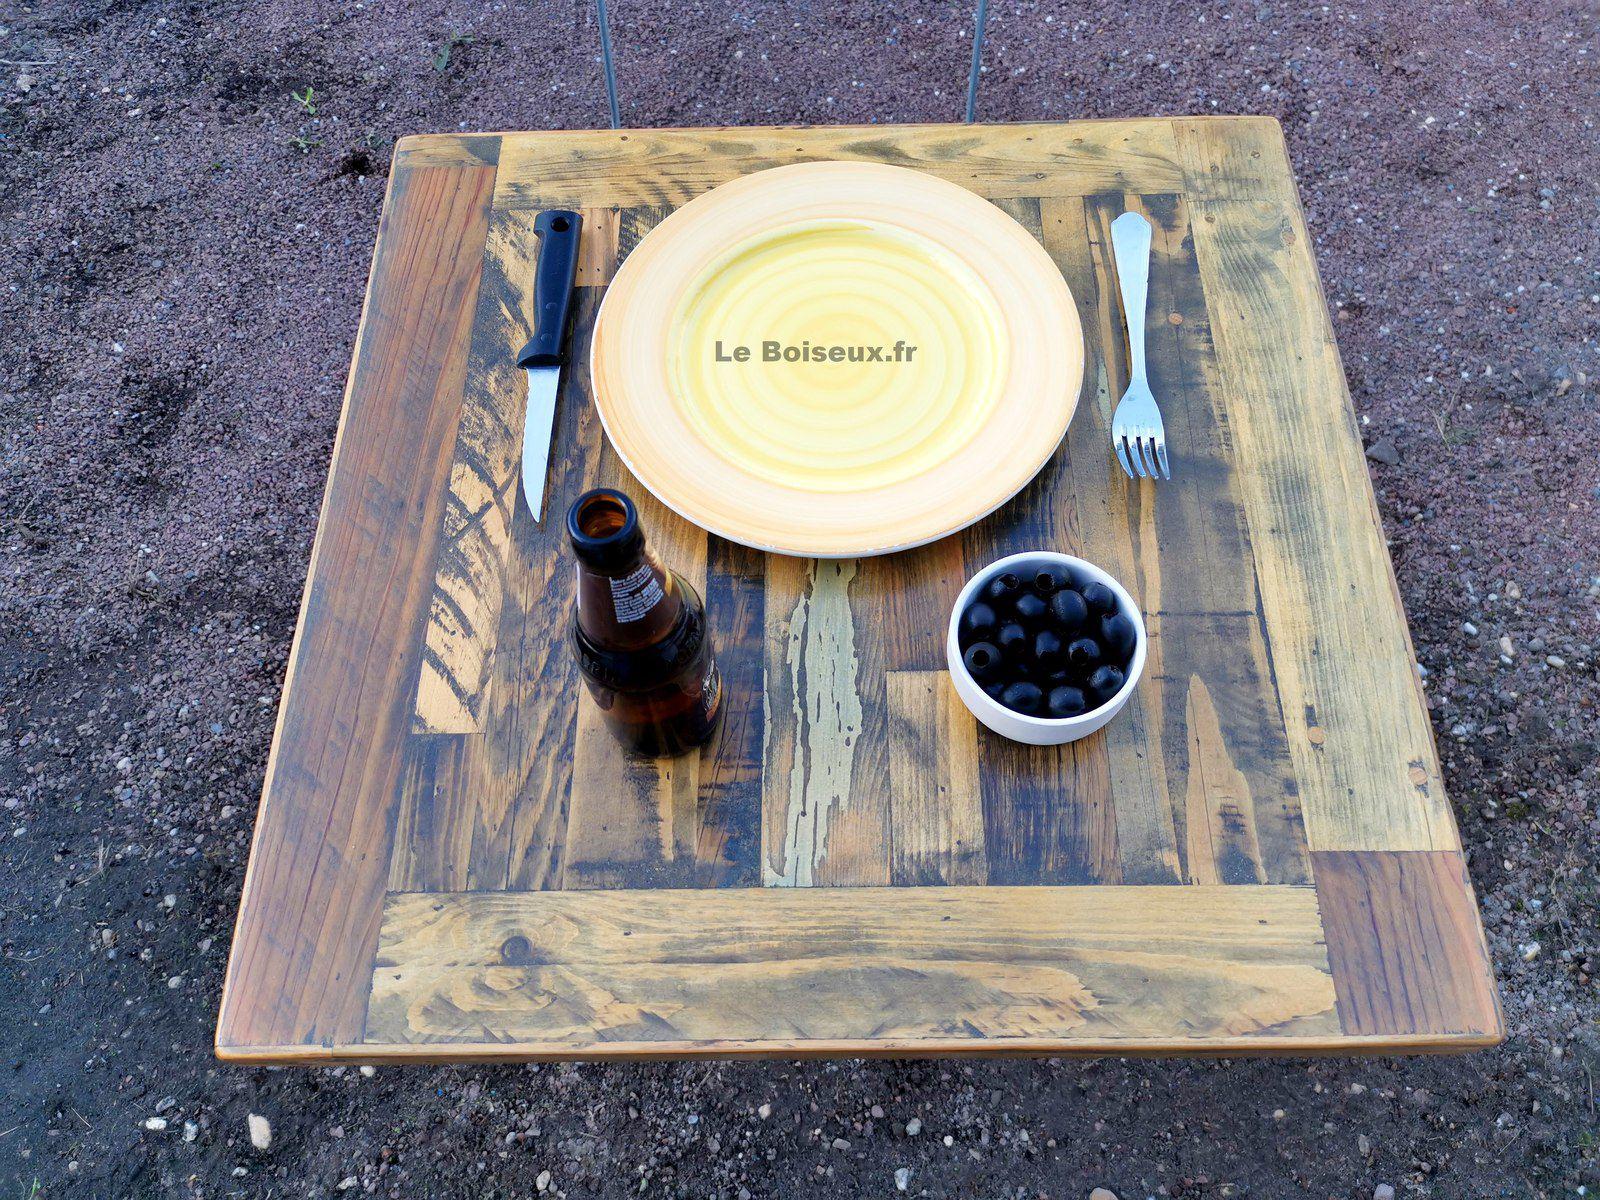 Lot de plateaux ouvrés, issus de palettes de manutention et autres bois de fins de chantiers, destinés à couronner vos futurs guéridons, tables, ou snack, selon vos instructions.